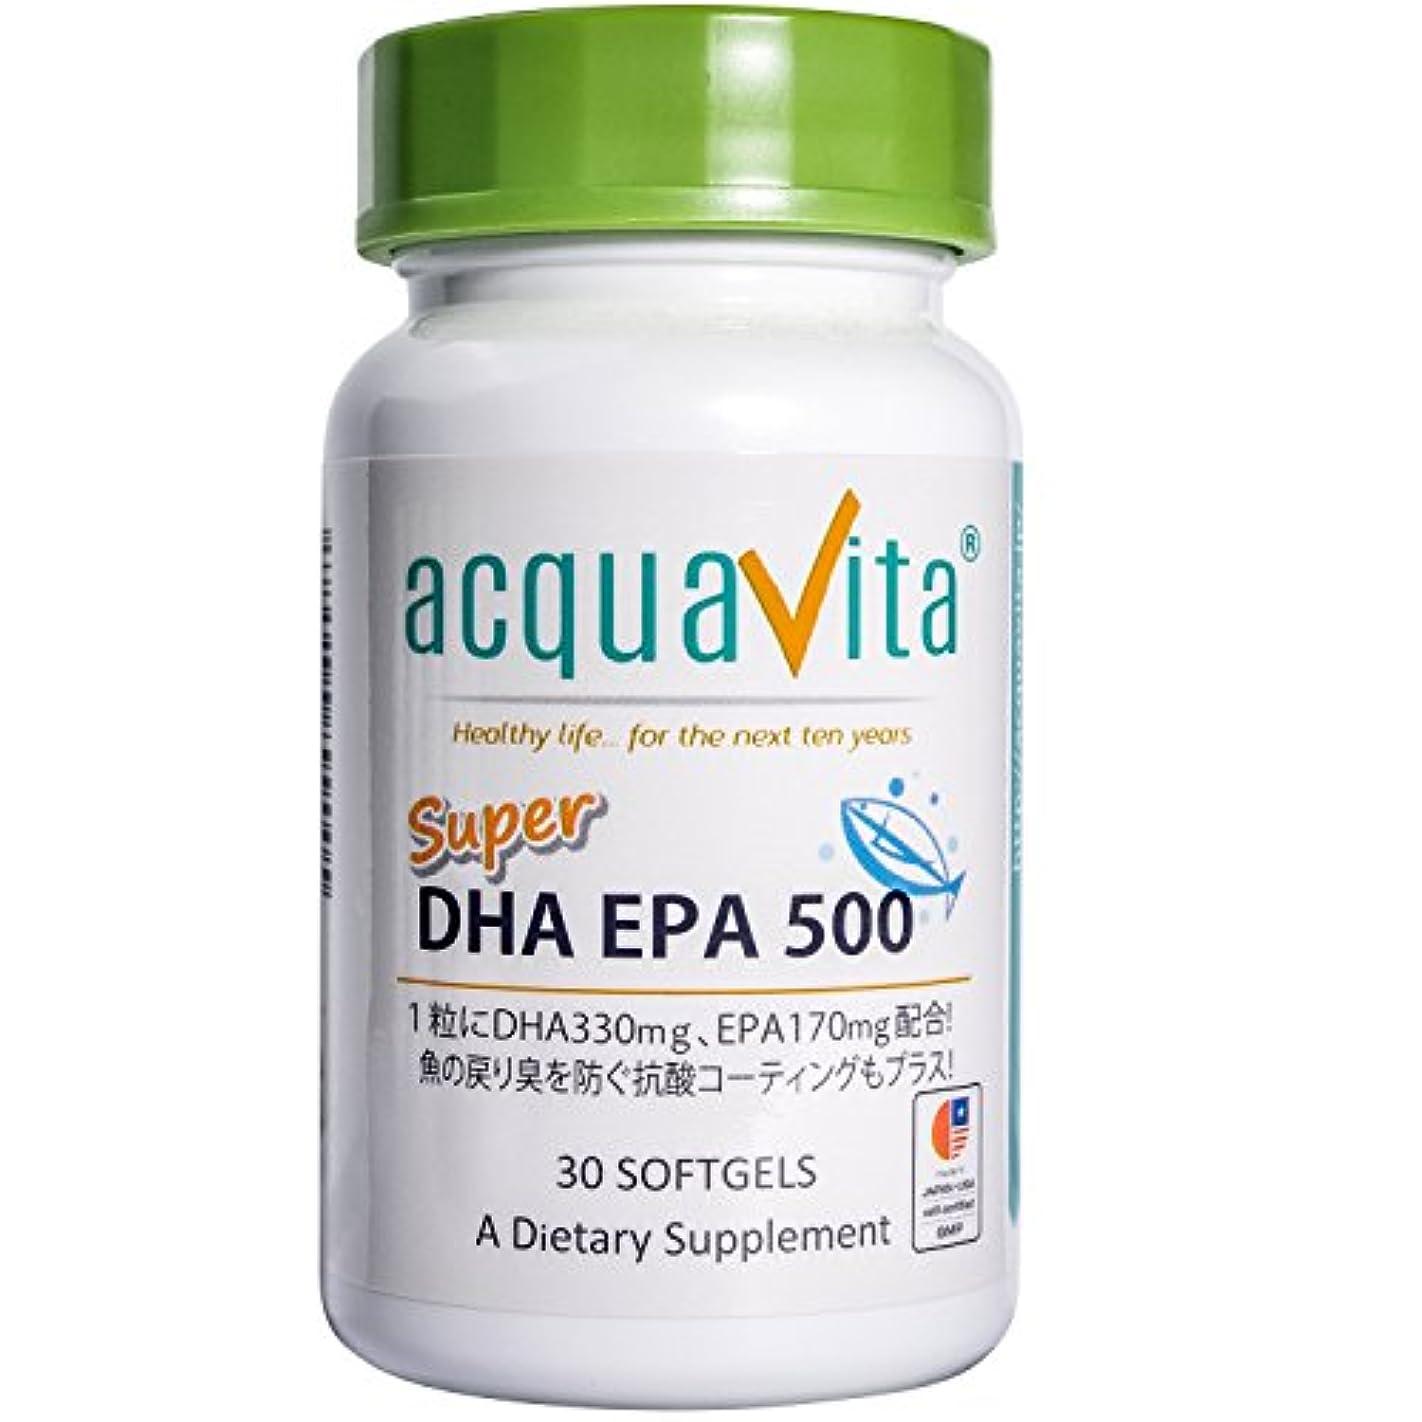 審判なくなるふつうacquavita(アクアヴィータ) スーパーDHAEPA500 30粒